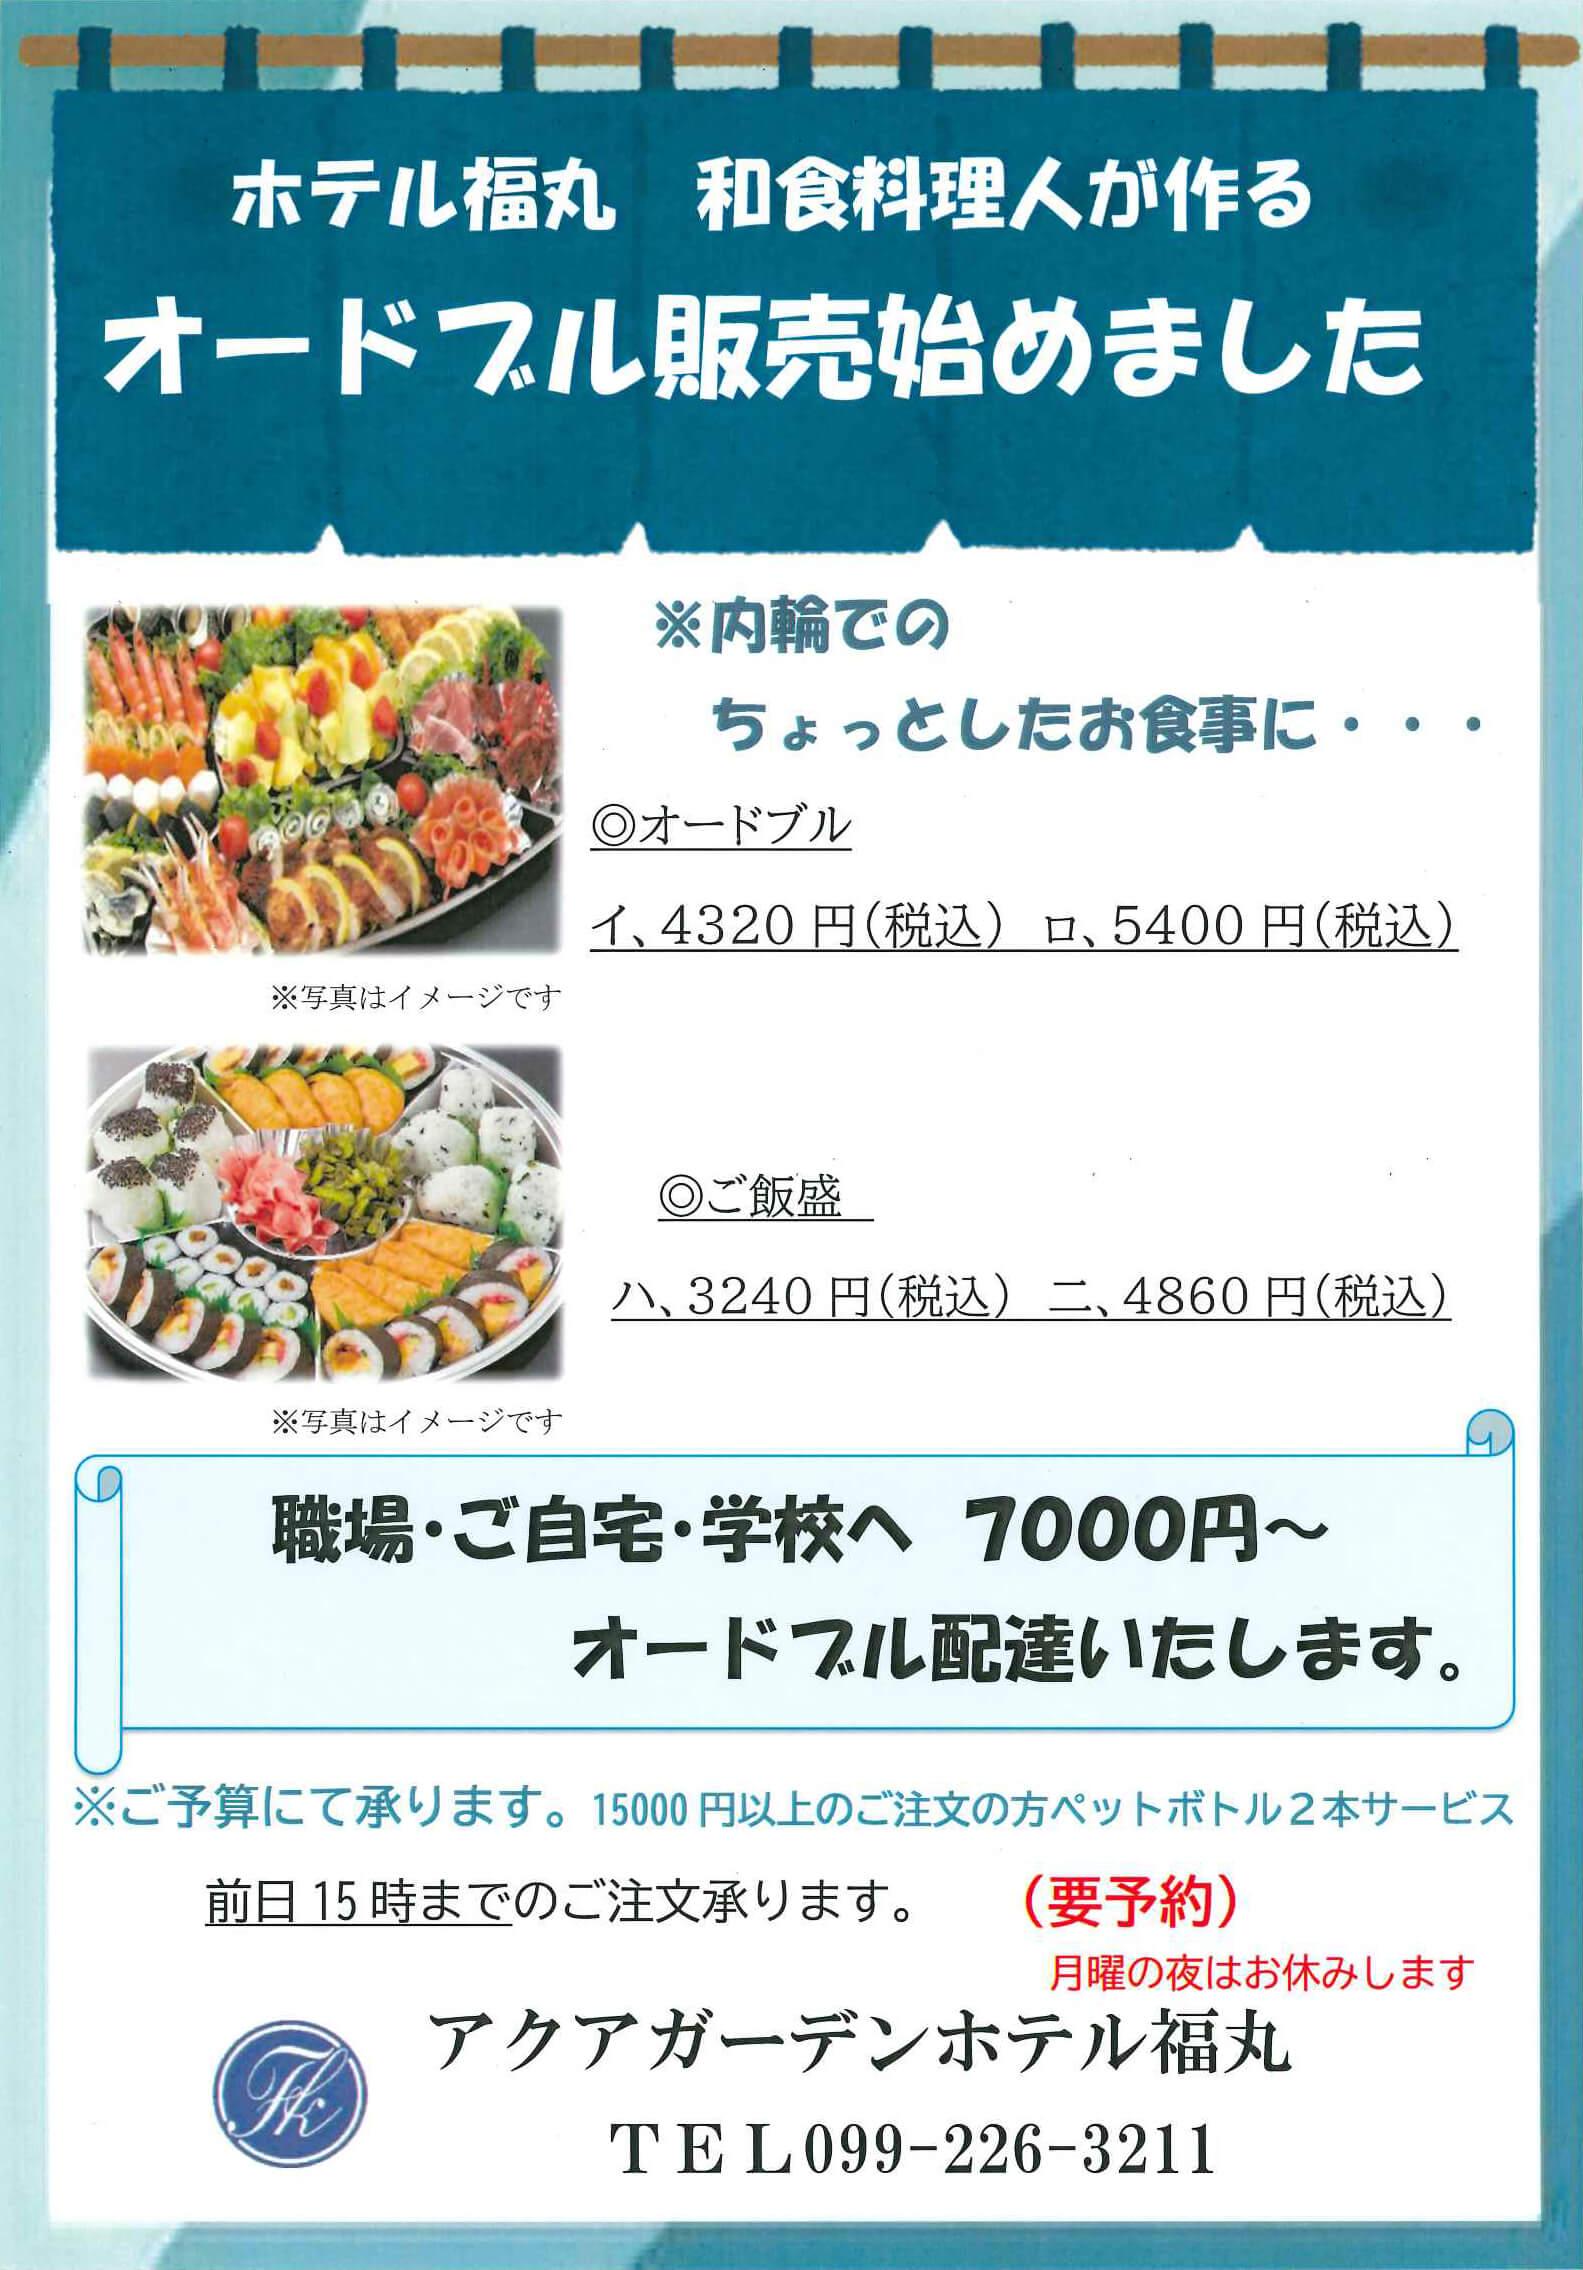 和食料理人が作るオードブル販売始めました